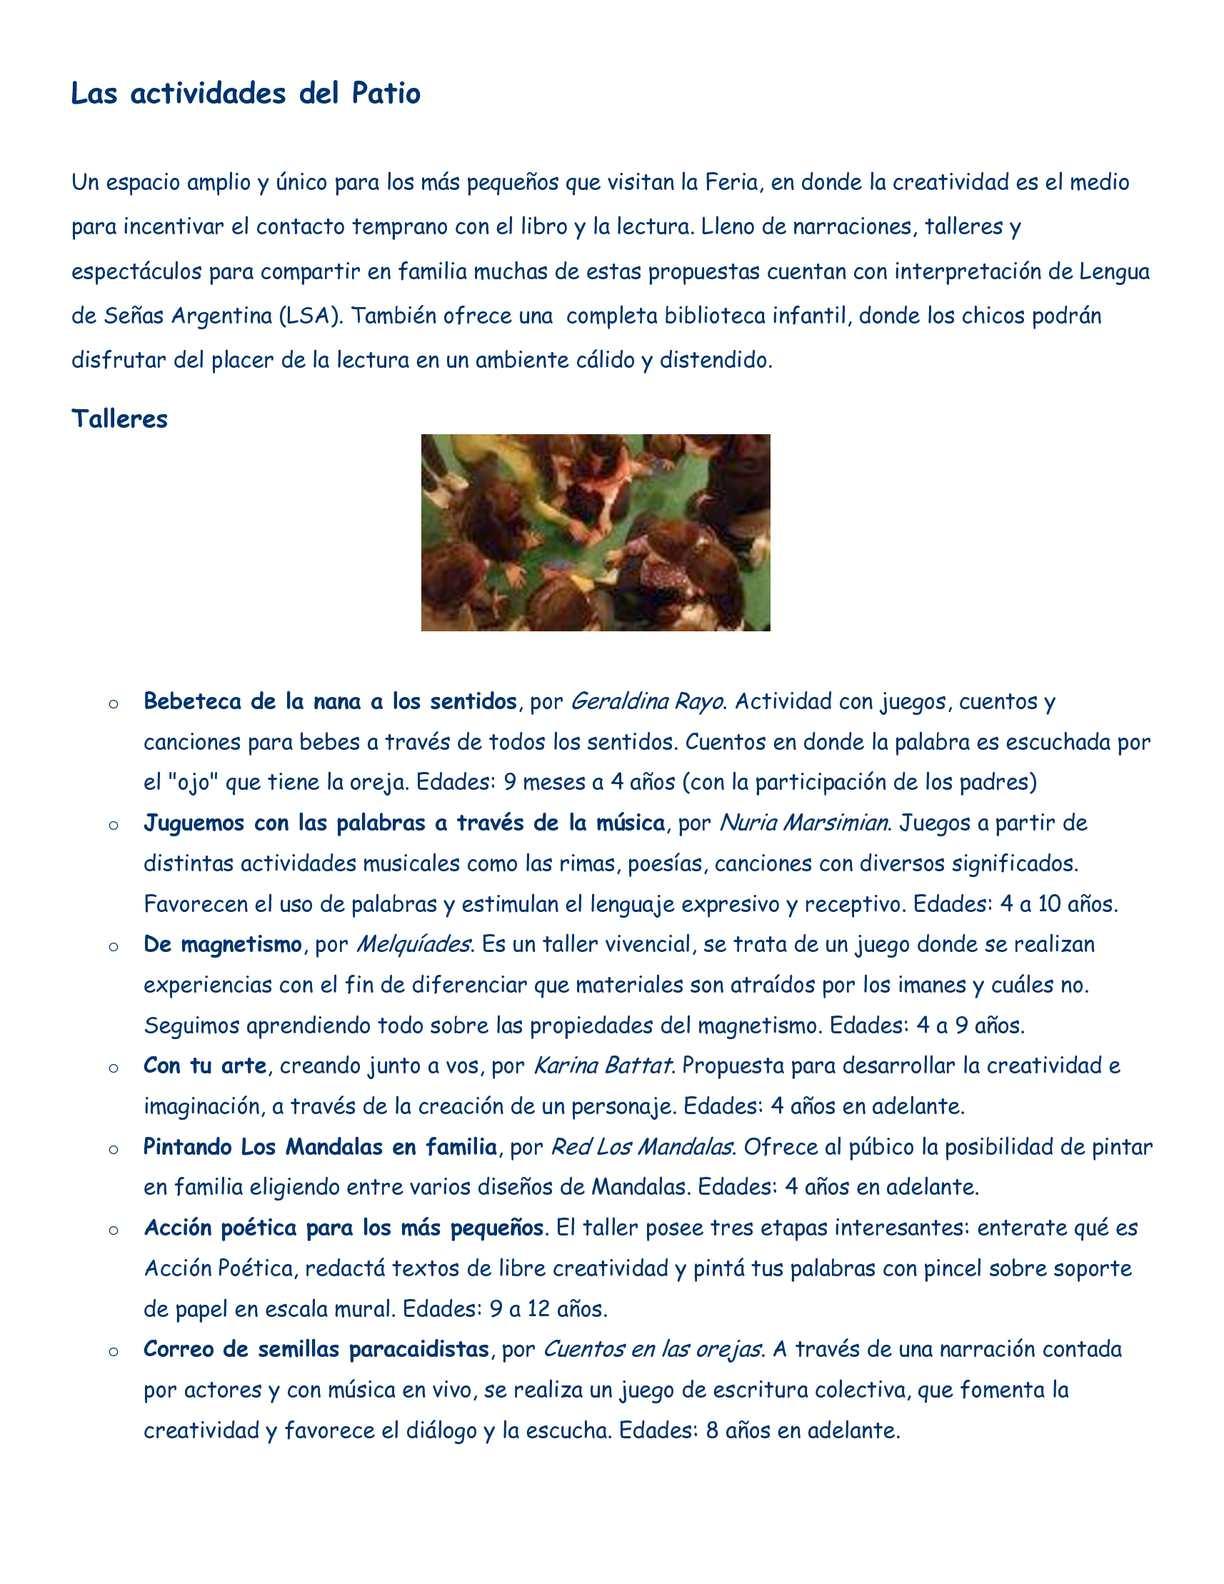 Calaméo - LAS ACTIVIDADES DEL PATIO (FERIA DEL LIBRO)